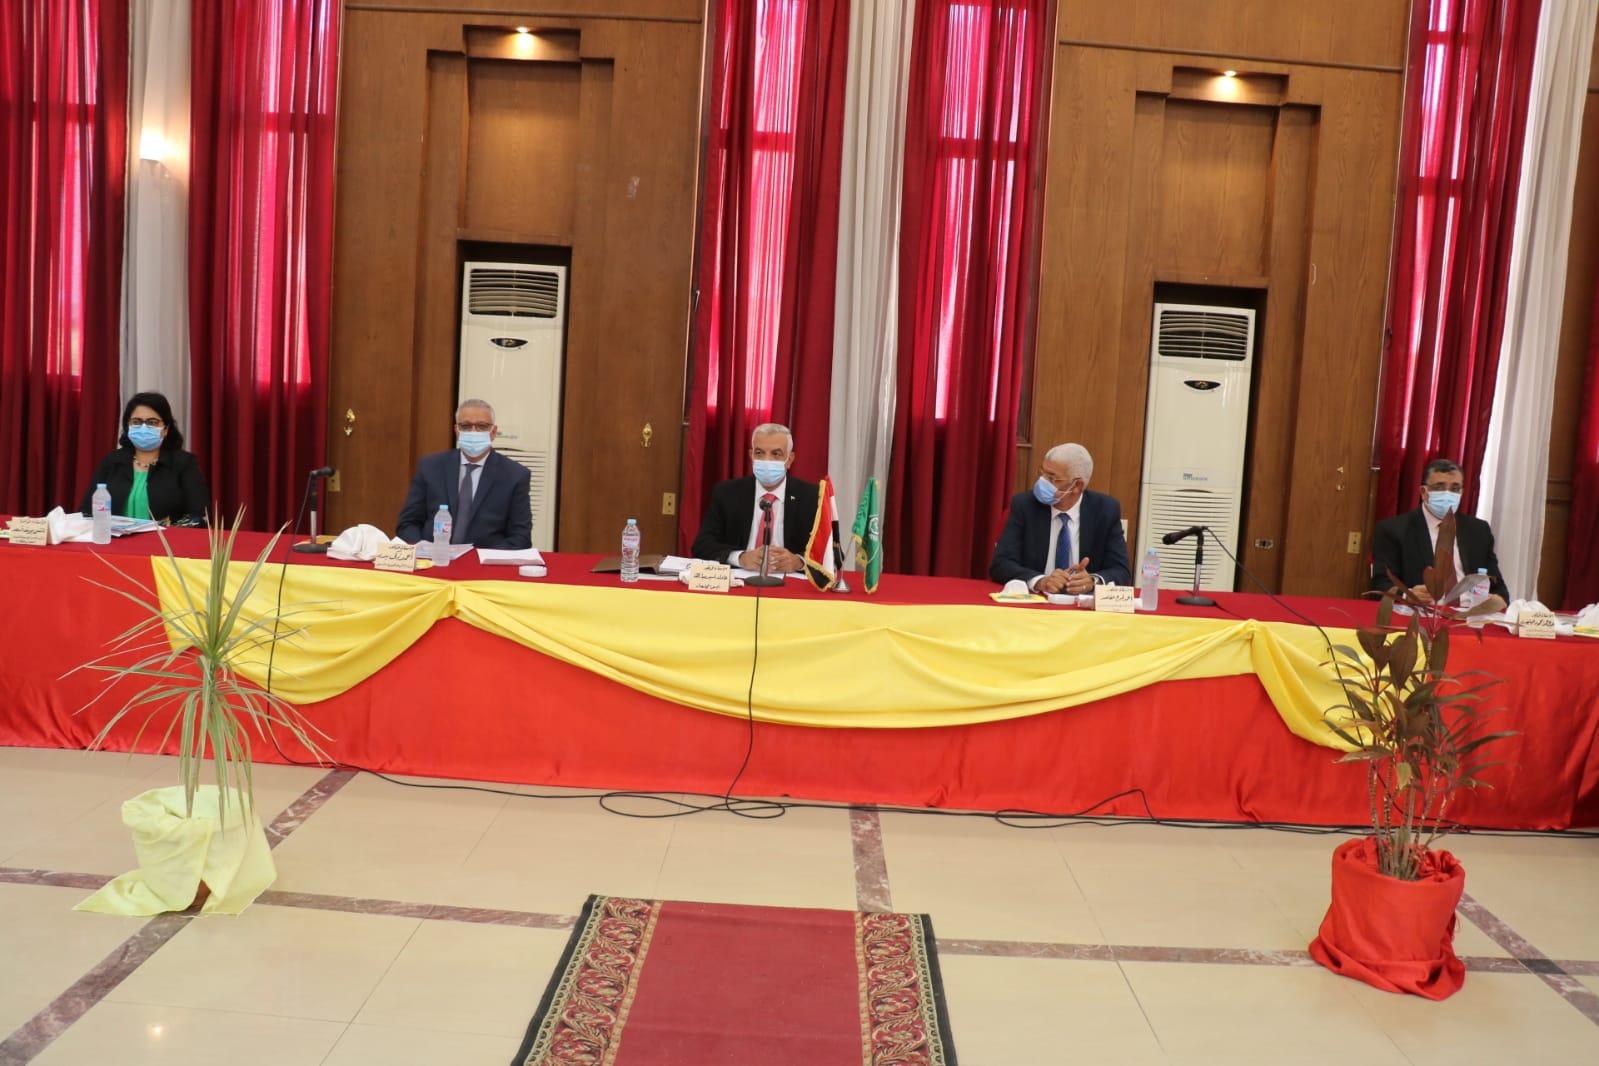 مجلس جامعة المنوفية يعقد جلسة يوليو ٢٠٢١ برئاسة مبارك